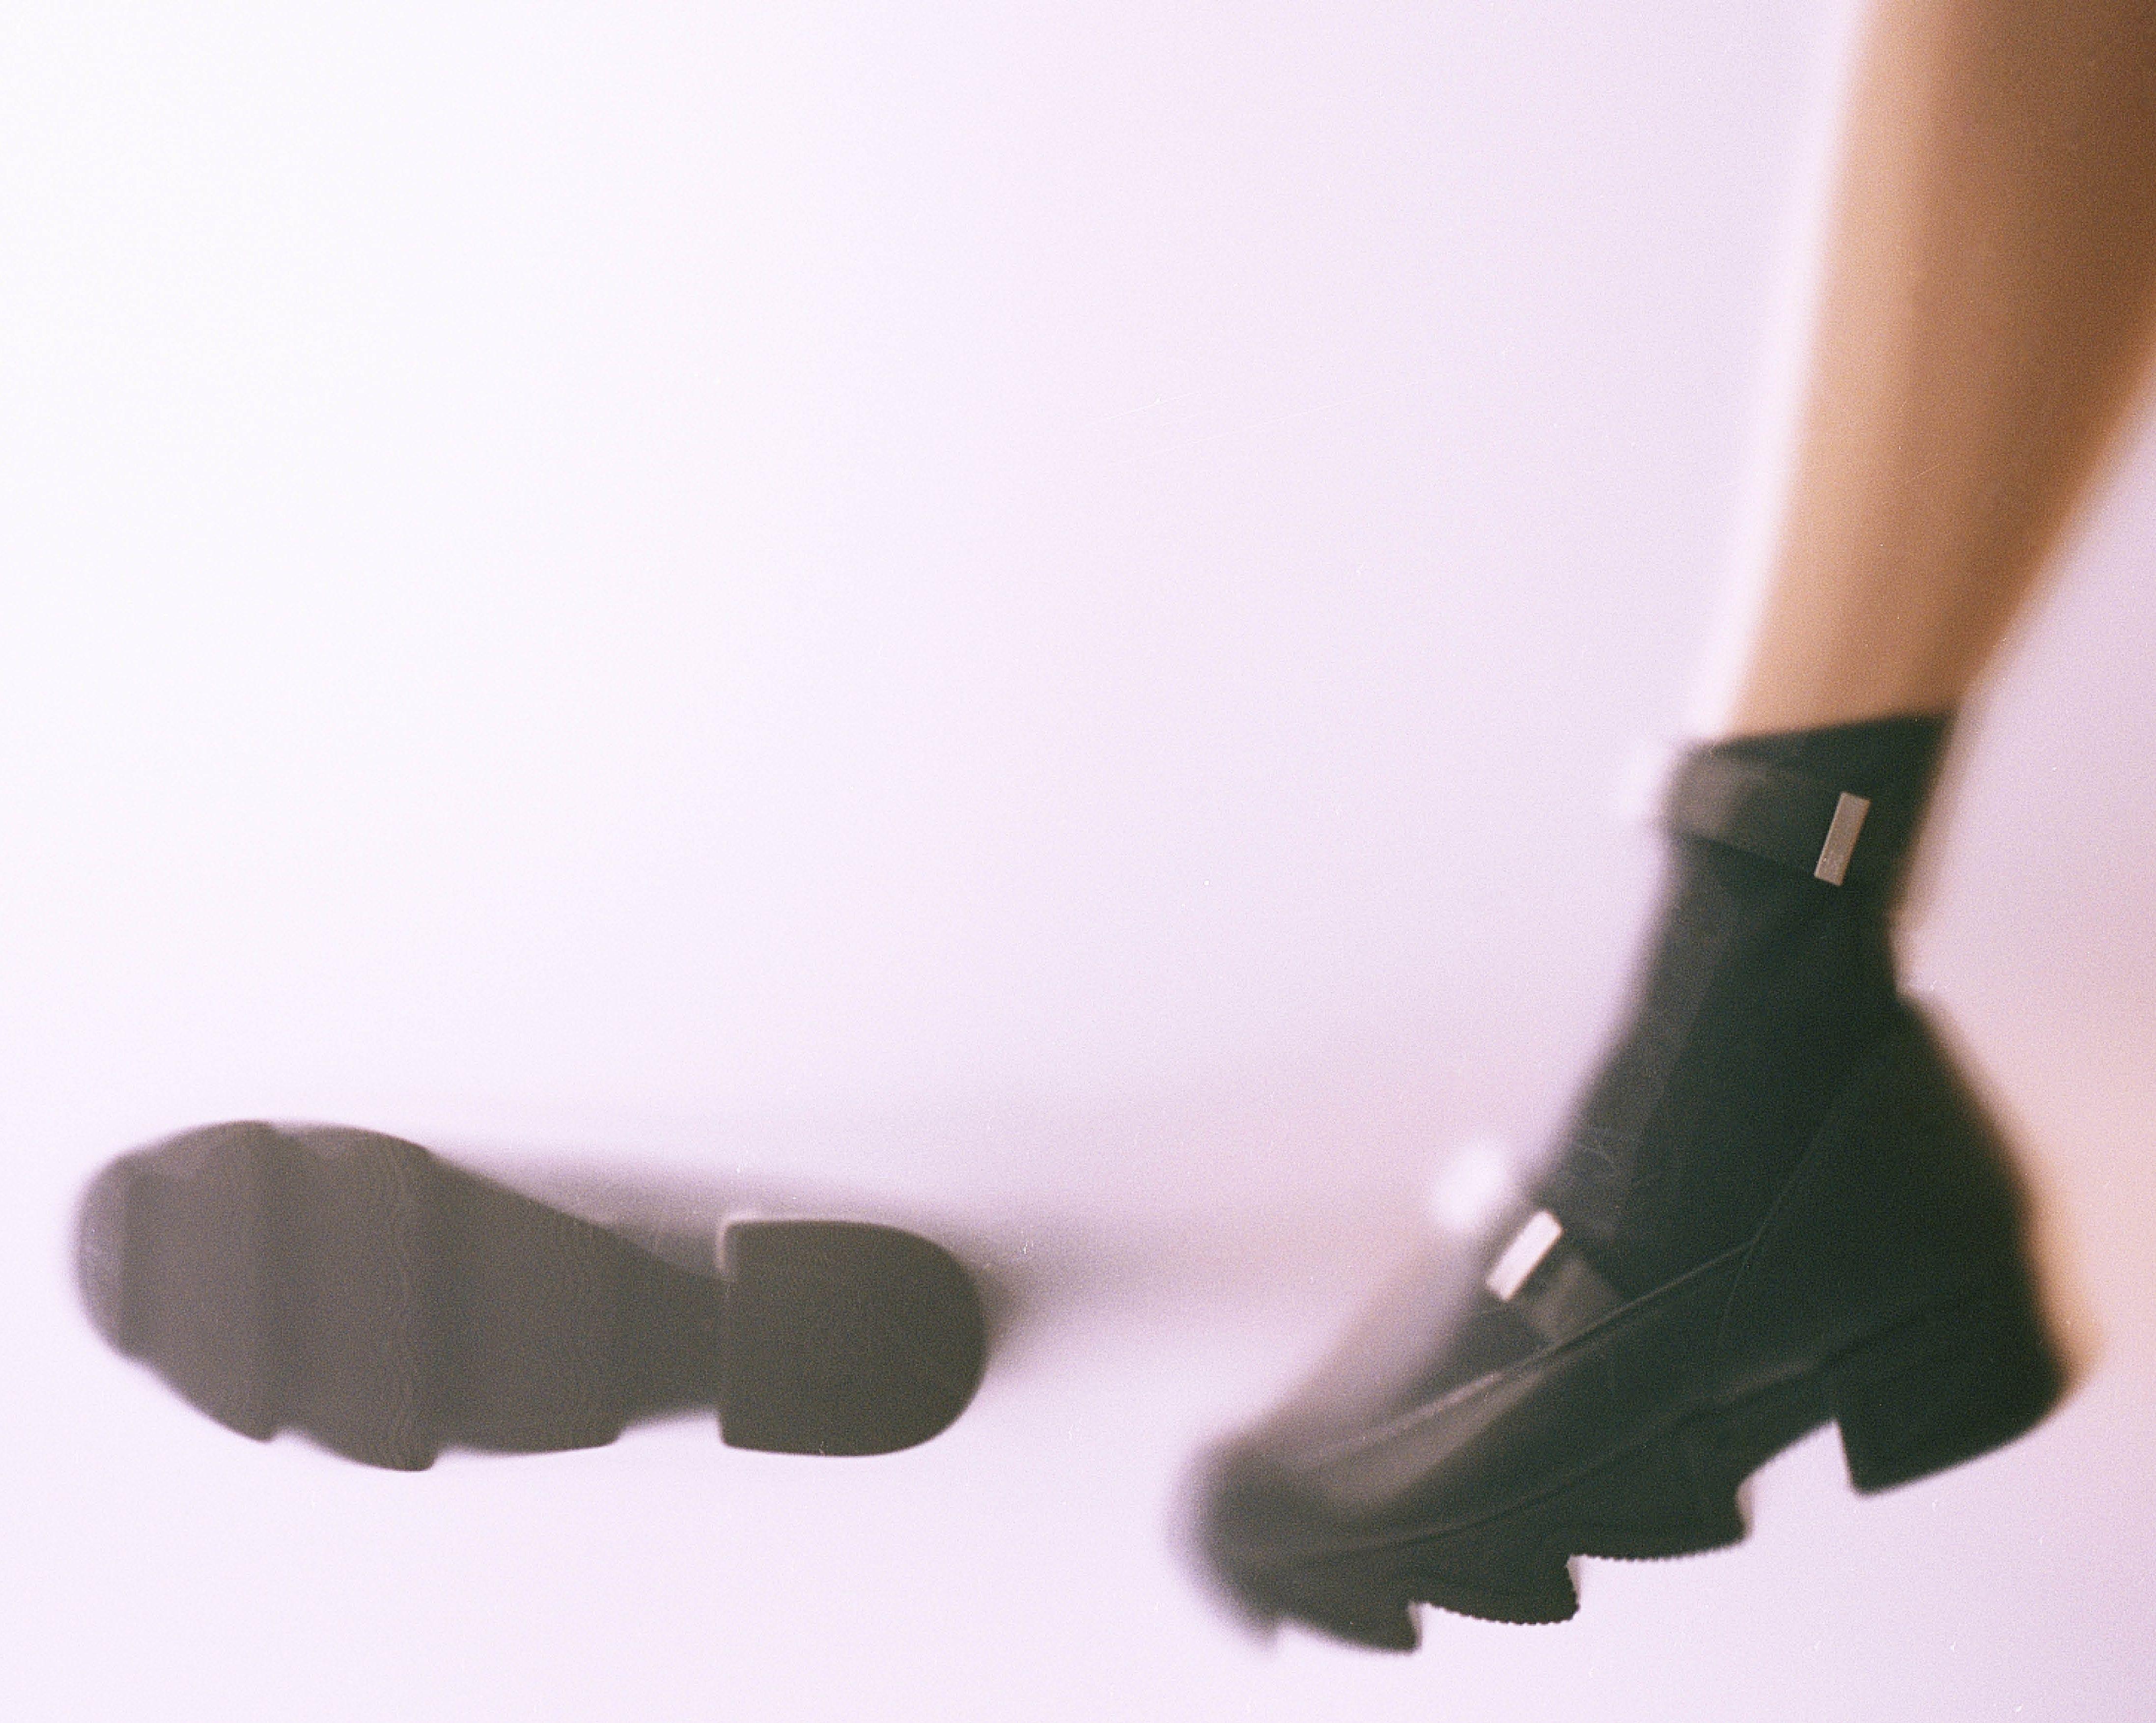 de141dd945a Black Sock Sneaker Available at - www.irinyc.com Shot by  jordan hemingway  Styled by  andreasaresti  iri  irinyc  sneakers